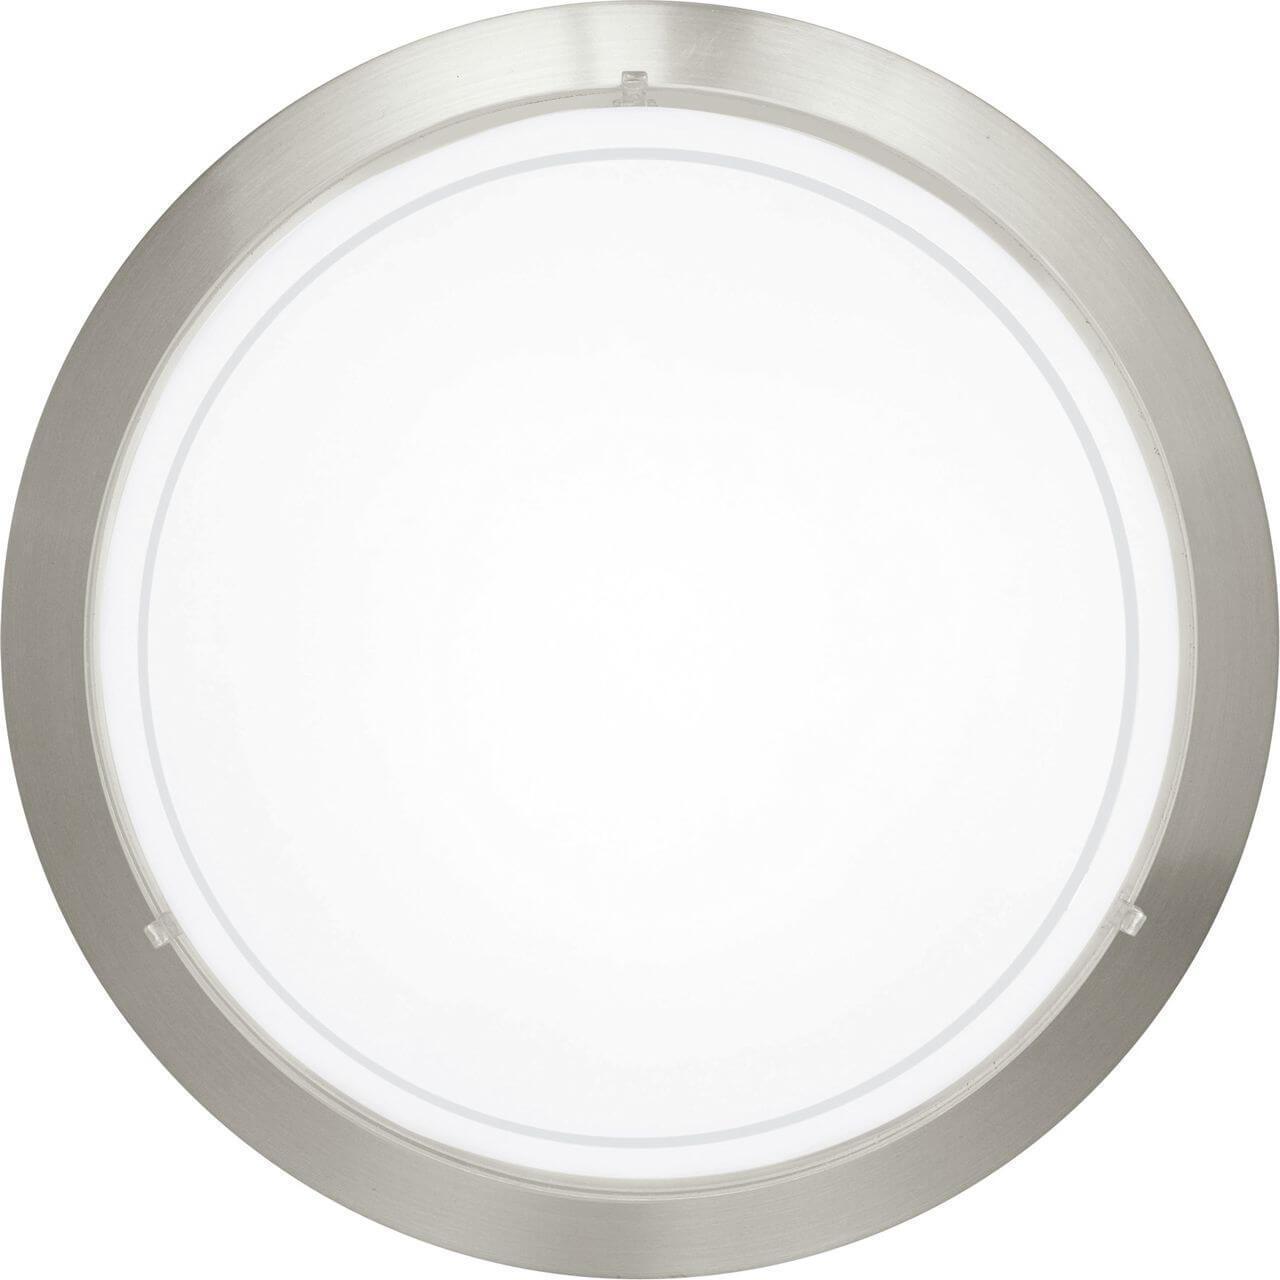 Настенно-потолочный светильник Eglo 83162, серебристый eglo 95175